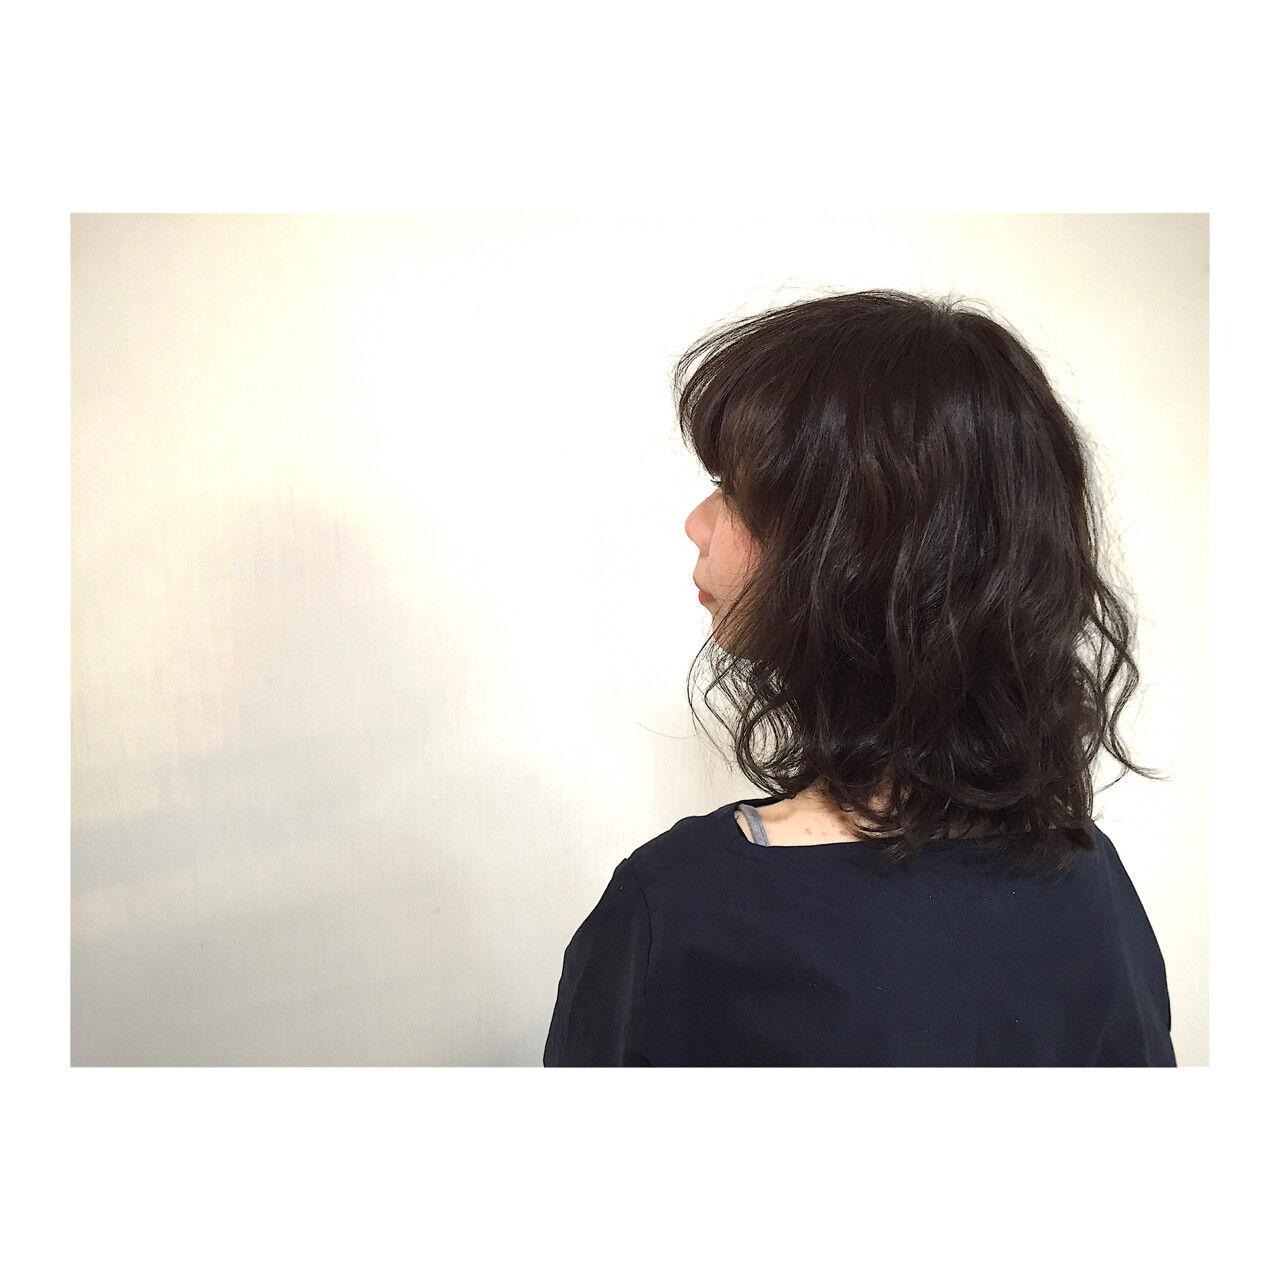 外国人風 モード 黒髪 ミディアムヘアスタイルや髪型の写真・画像